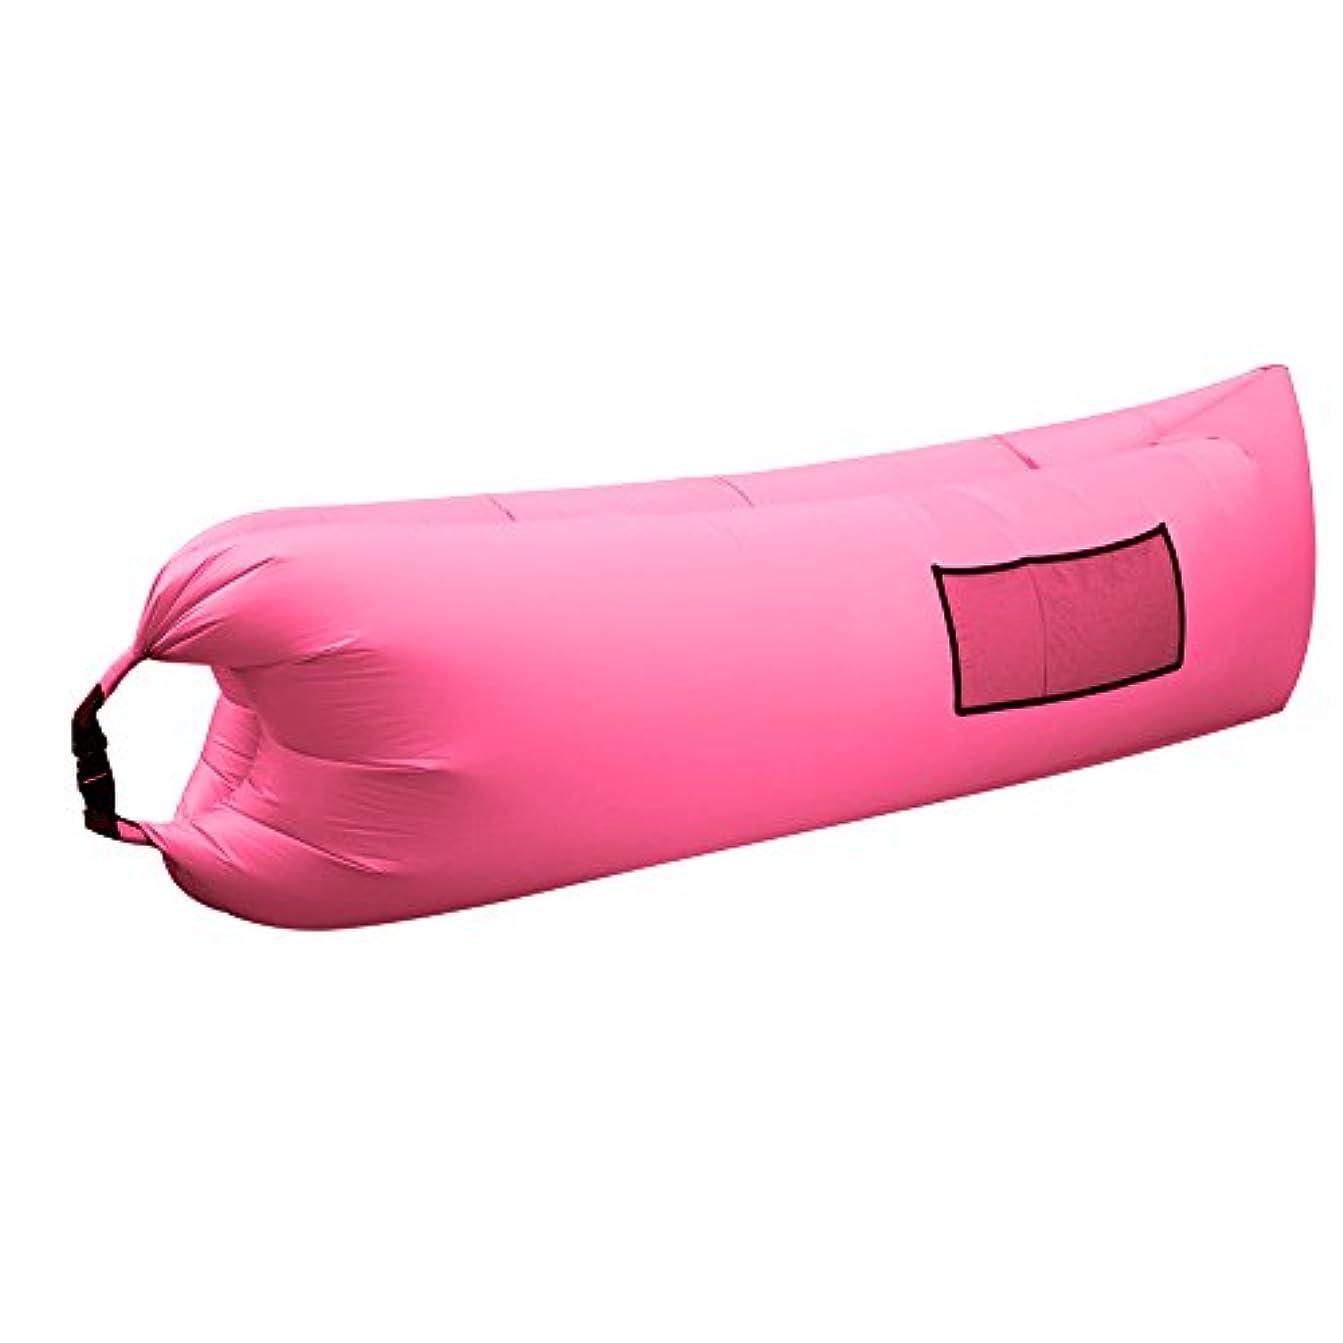 現代のかりてとげSAKEY エアーソファー エアーマット エアーベッド ポケット 収納袋付き アウトドア 海 プール 室内休憩 収納簡単 組み立て簡単 持ち運び便利